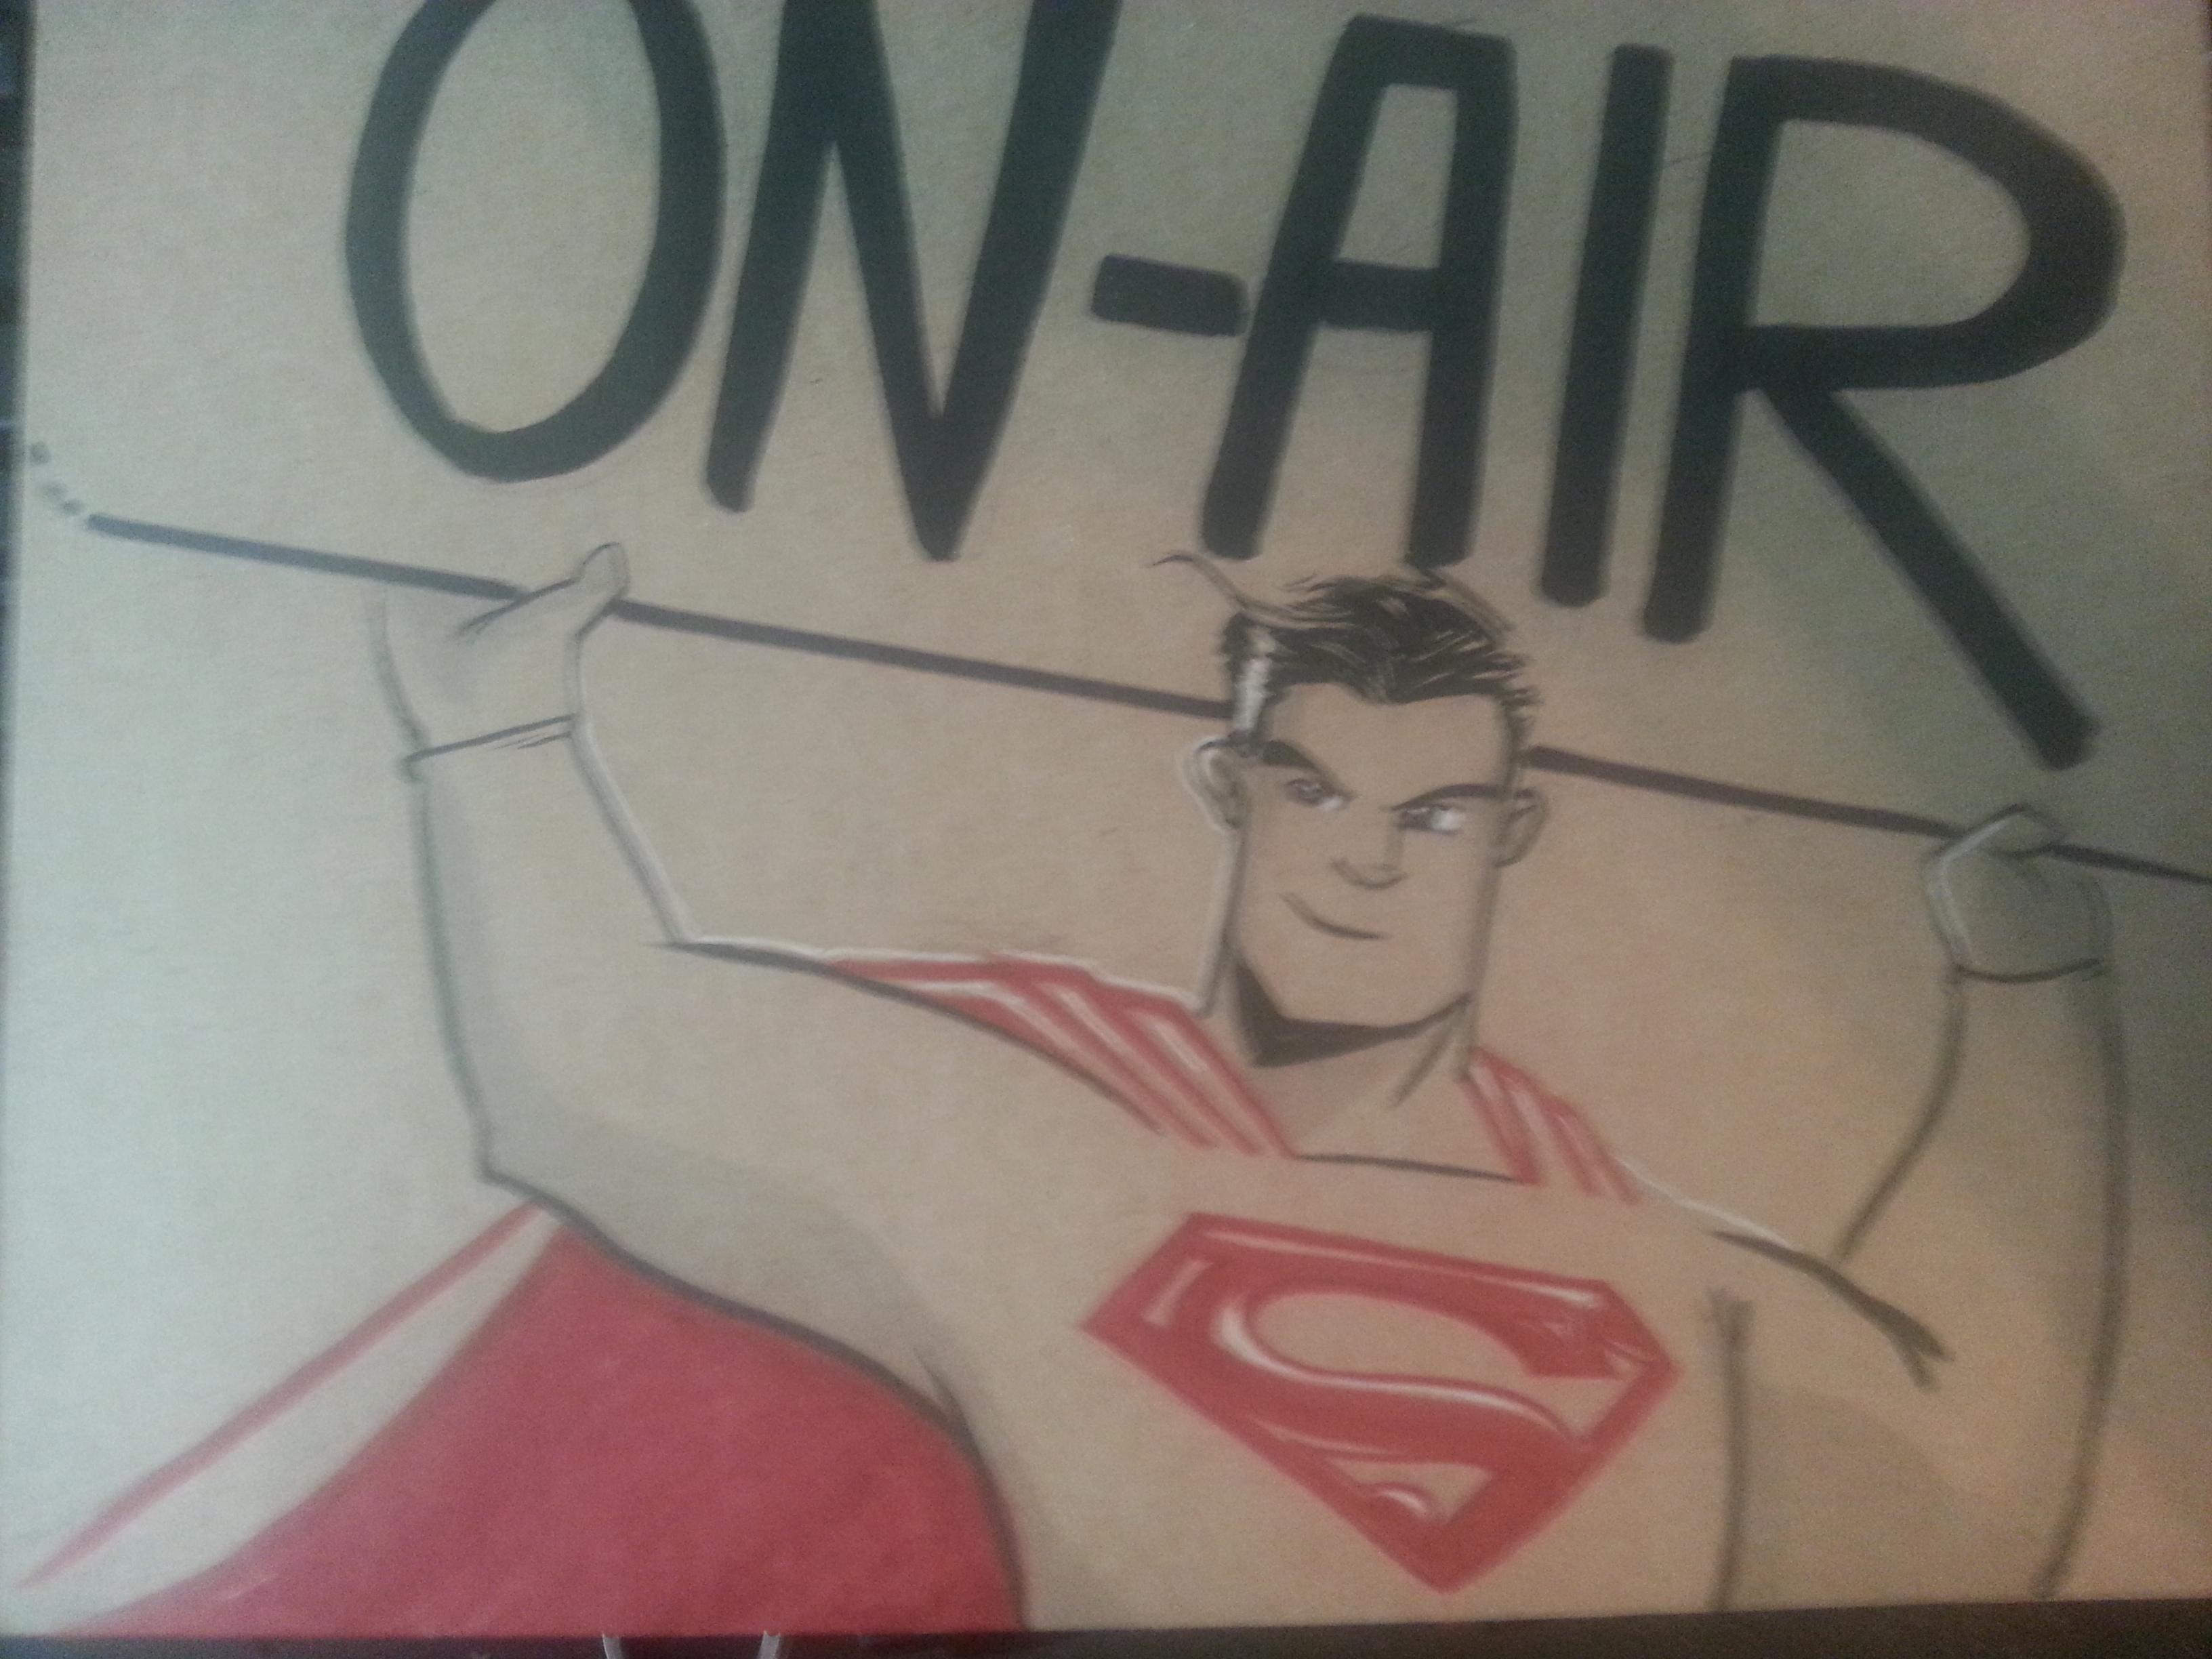 Justin Castaneda's Superman sign